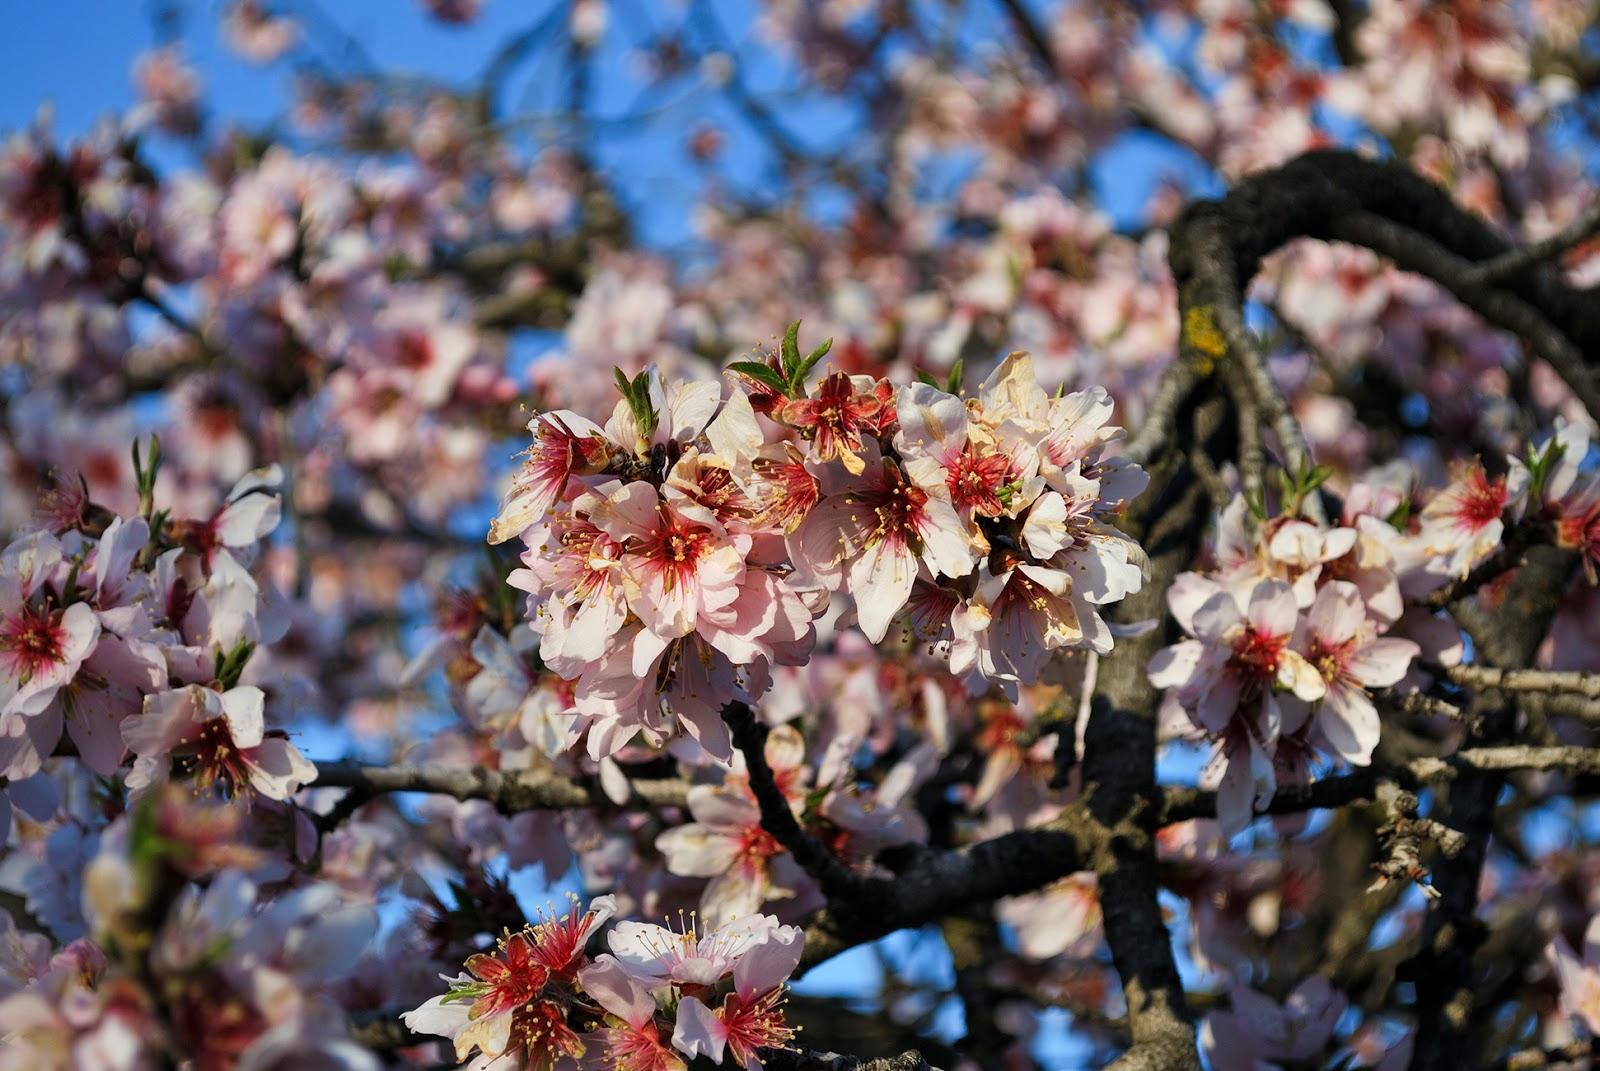 la quinta de los molinos flor floracion almendros madrid bloom blossom